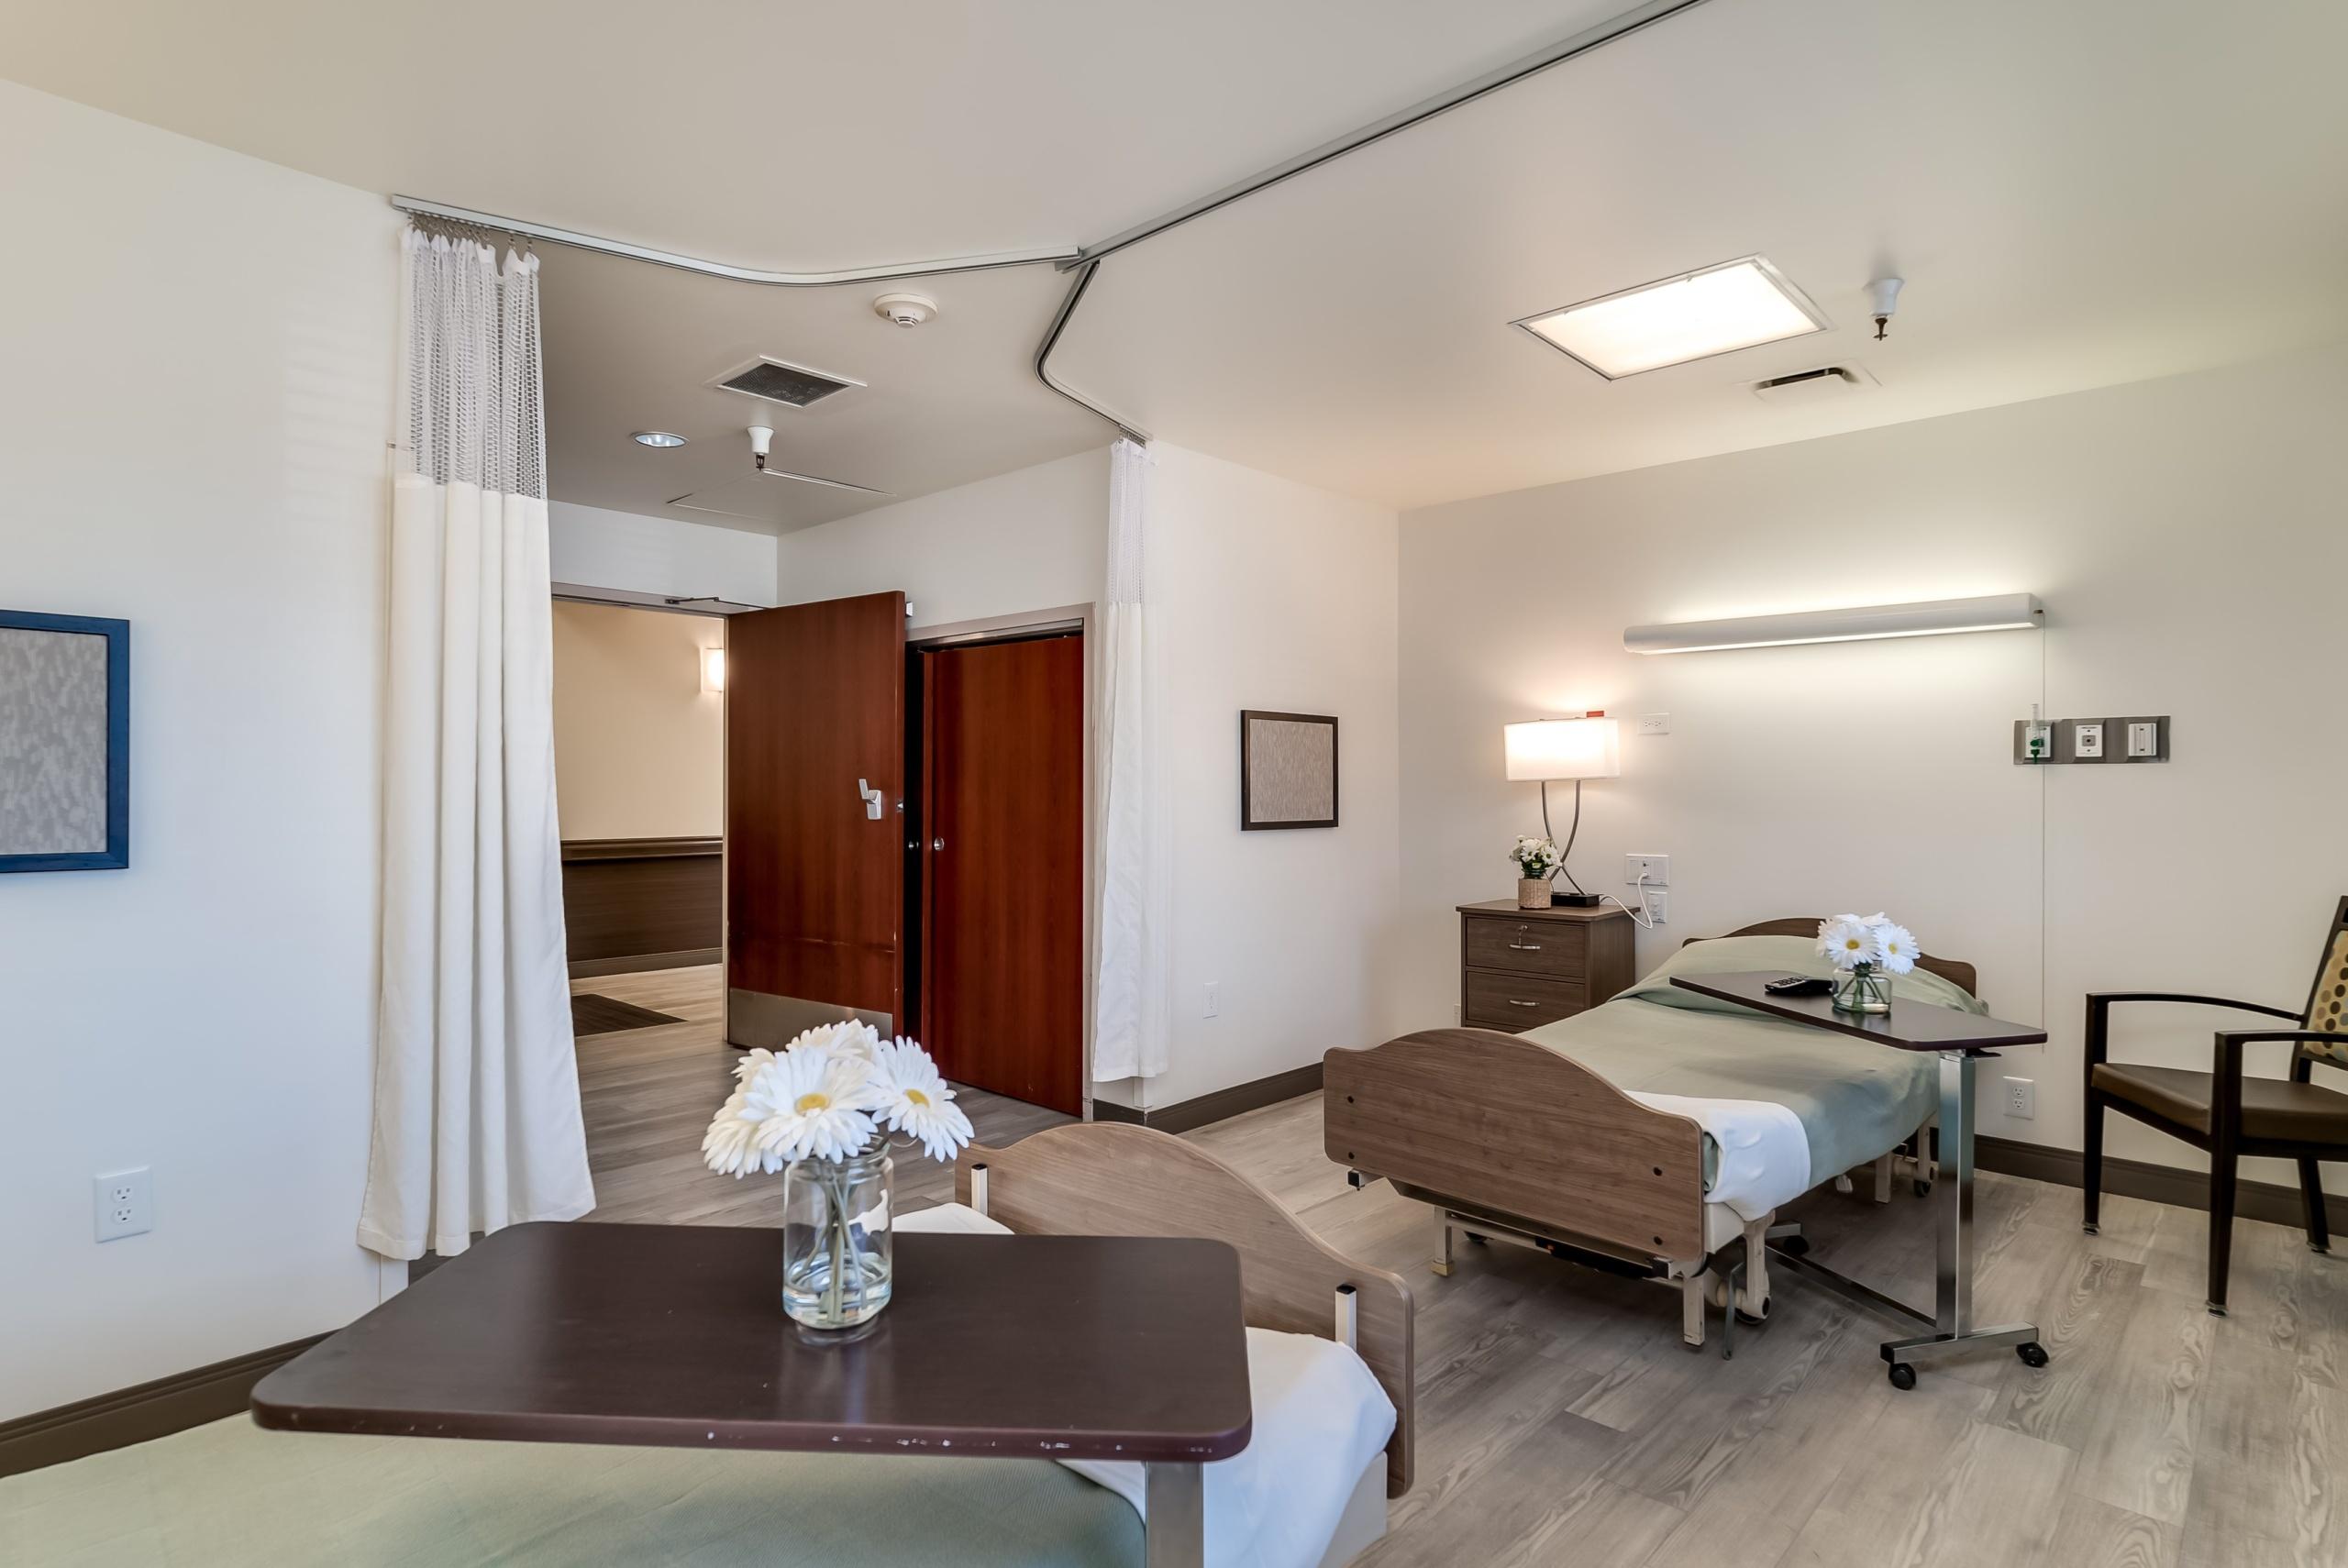 015_Patient Room